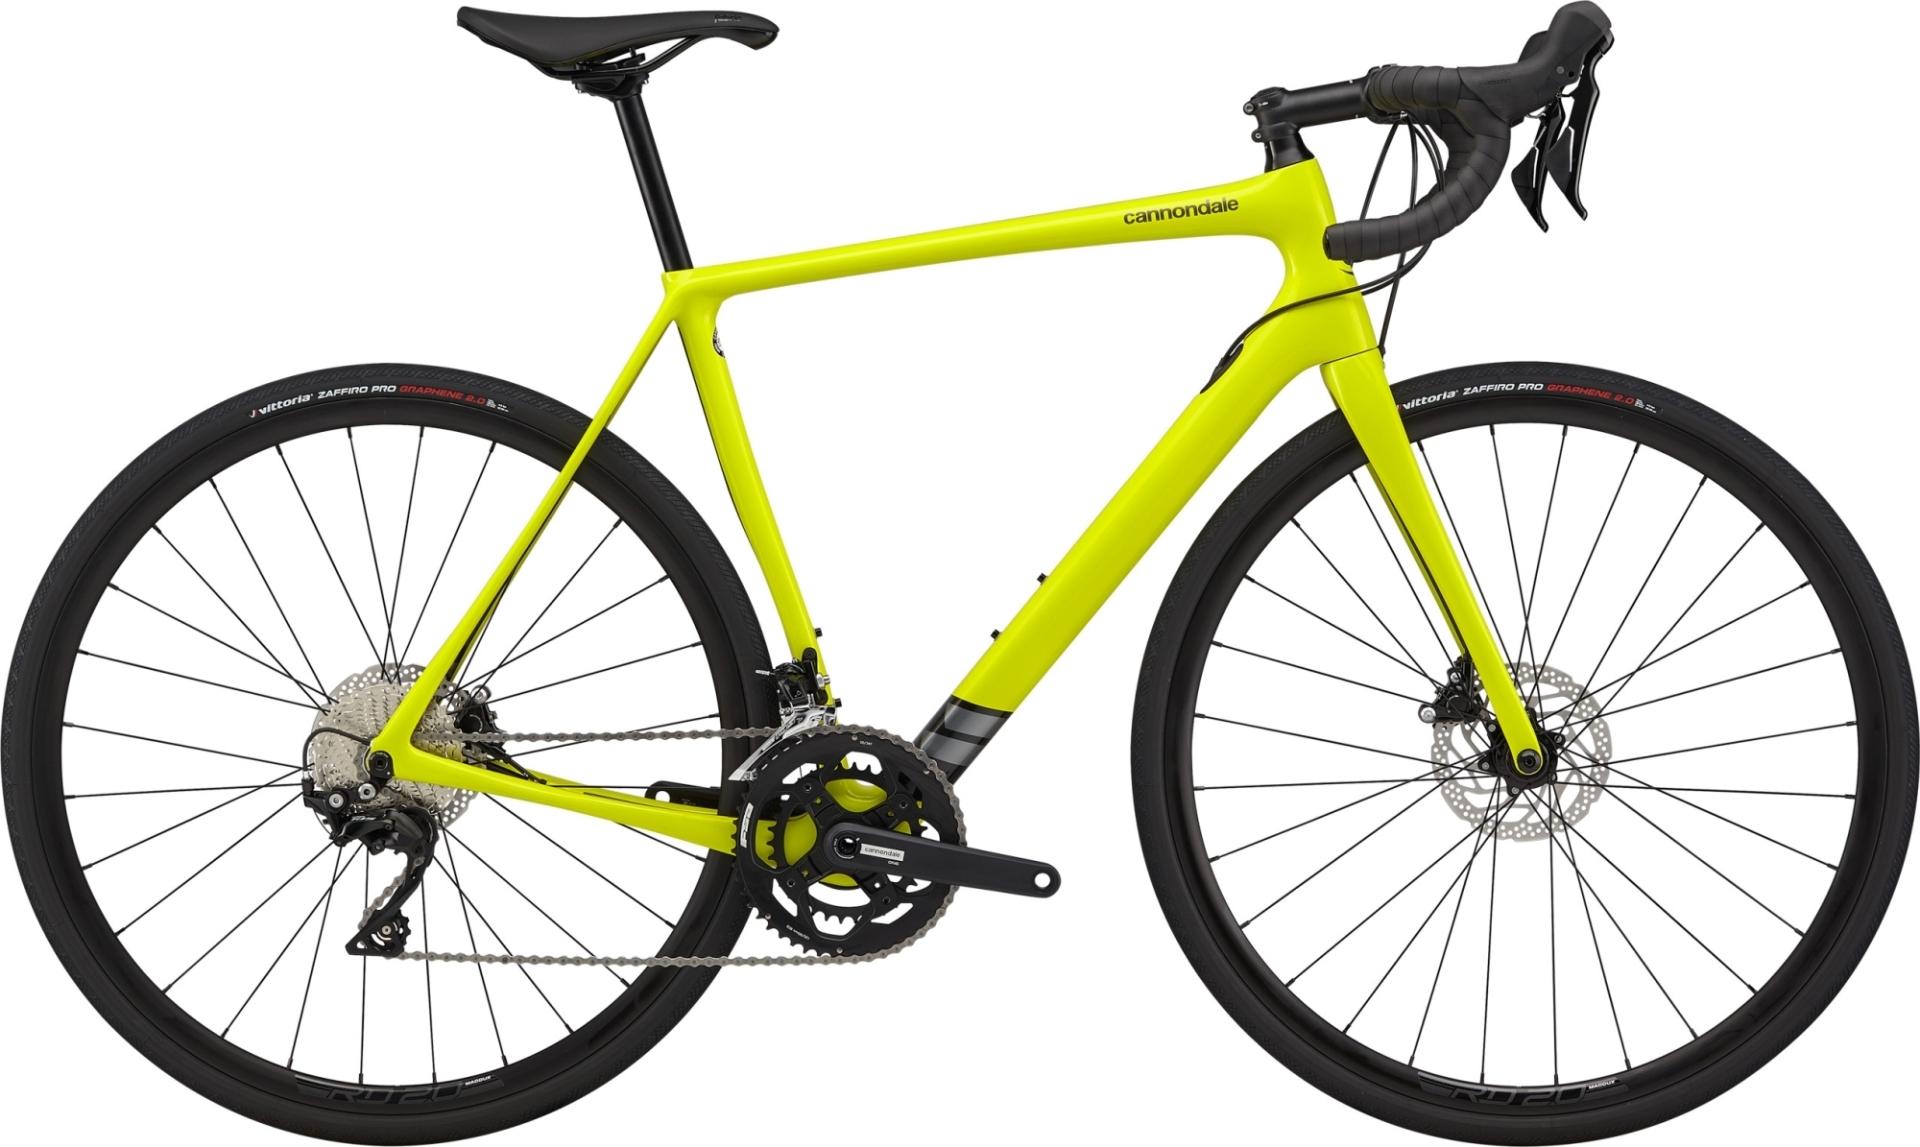 Cannondale Synapse Carbon 105 országúti kerékpár - sárga - 56 cm (2020)